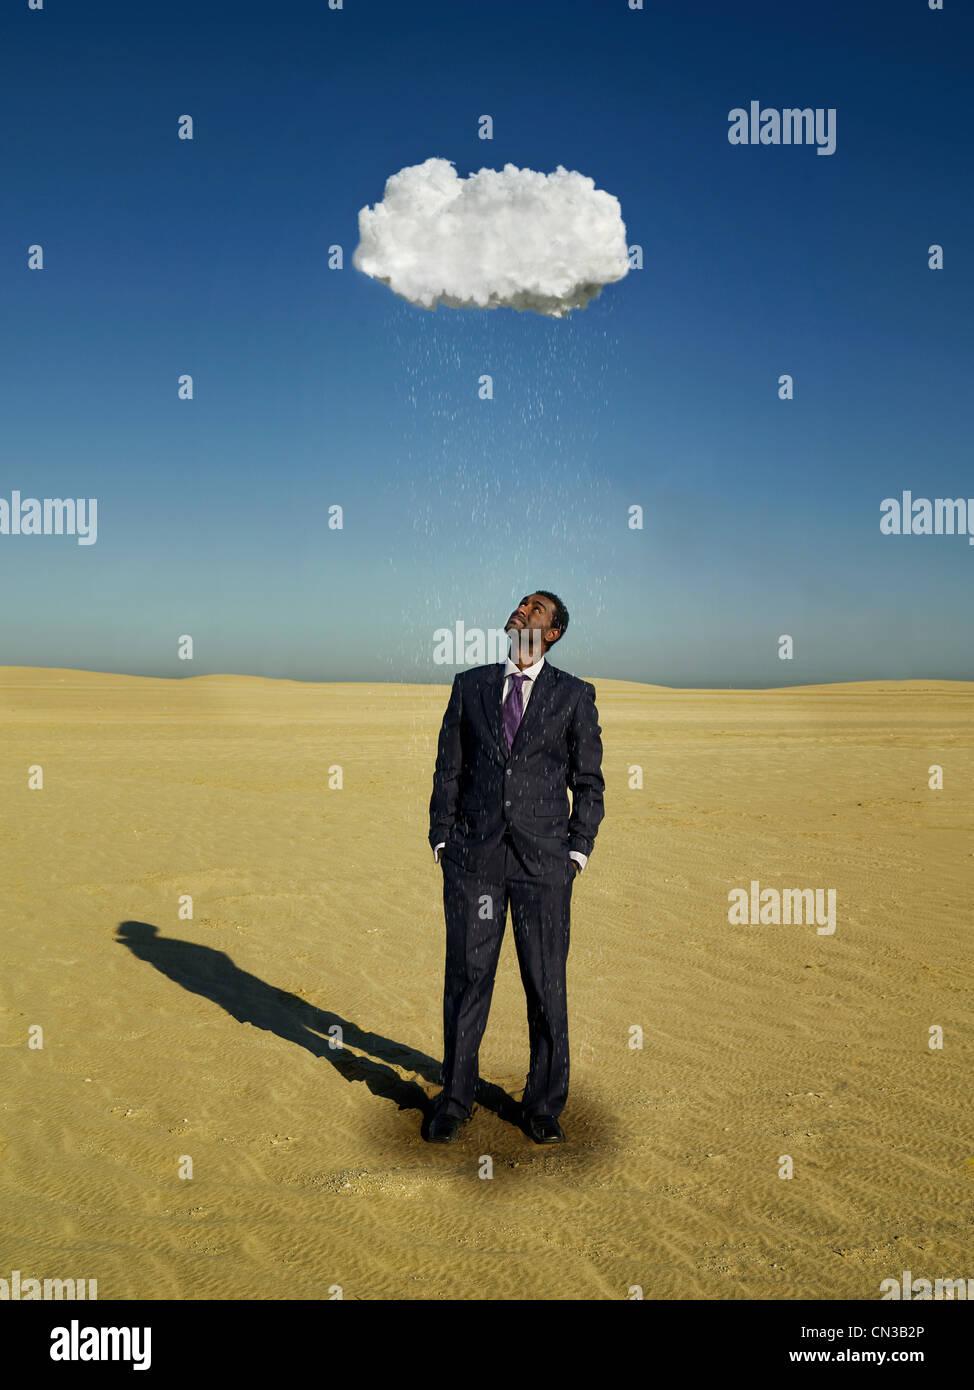 Businessman standing under raincloud in desert - Stock Image